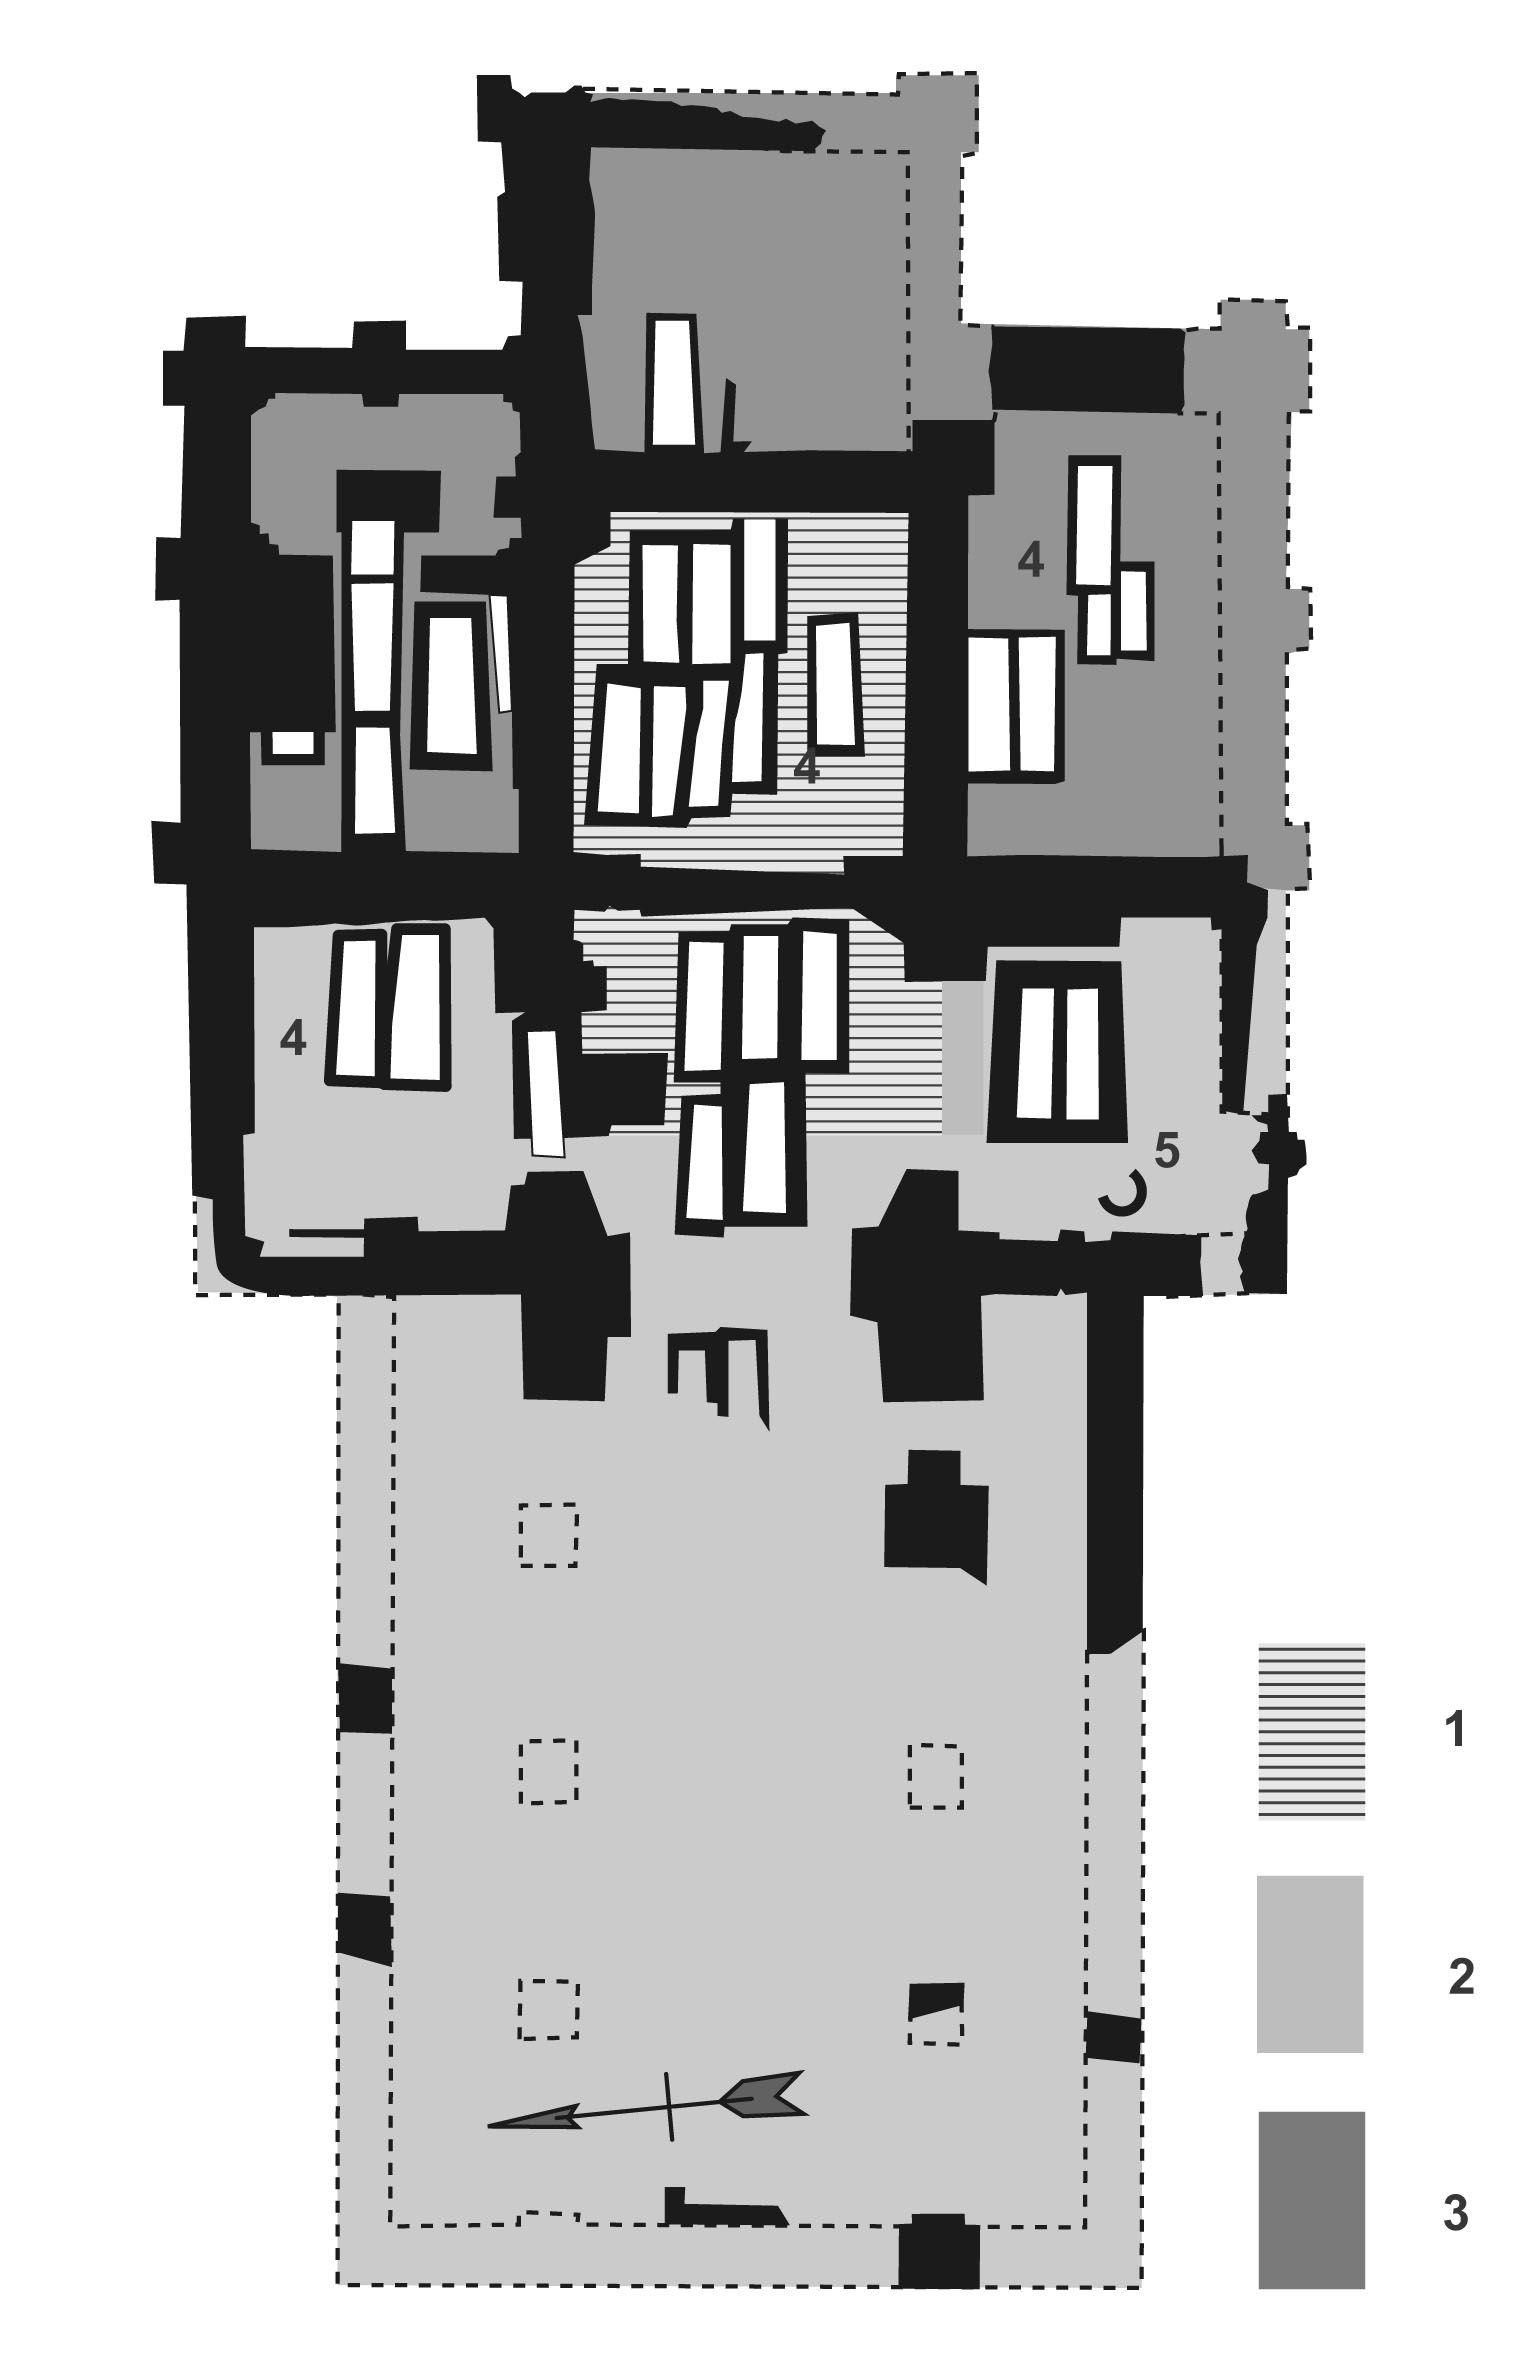 Plattegrond kerk Hannekenswerve. Aangetroffen muurwerk in zwart, aanvullingen met stippellijnen. 1. Kapel ca. 1150; 2. Romaanse kruiskerk 1175-1200; 3. Uitbreidingen baksteen 13de eeuw; 4. Grafkelders; 5. Klokvorm. (Van Dierendonck 2005)